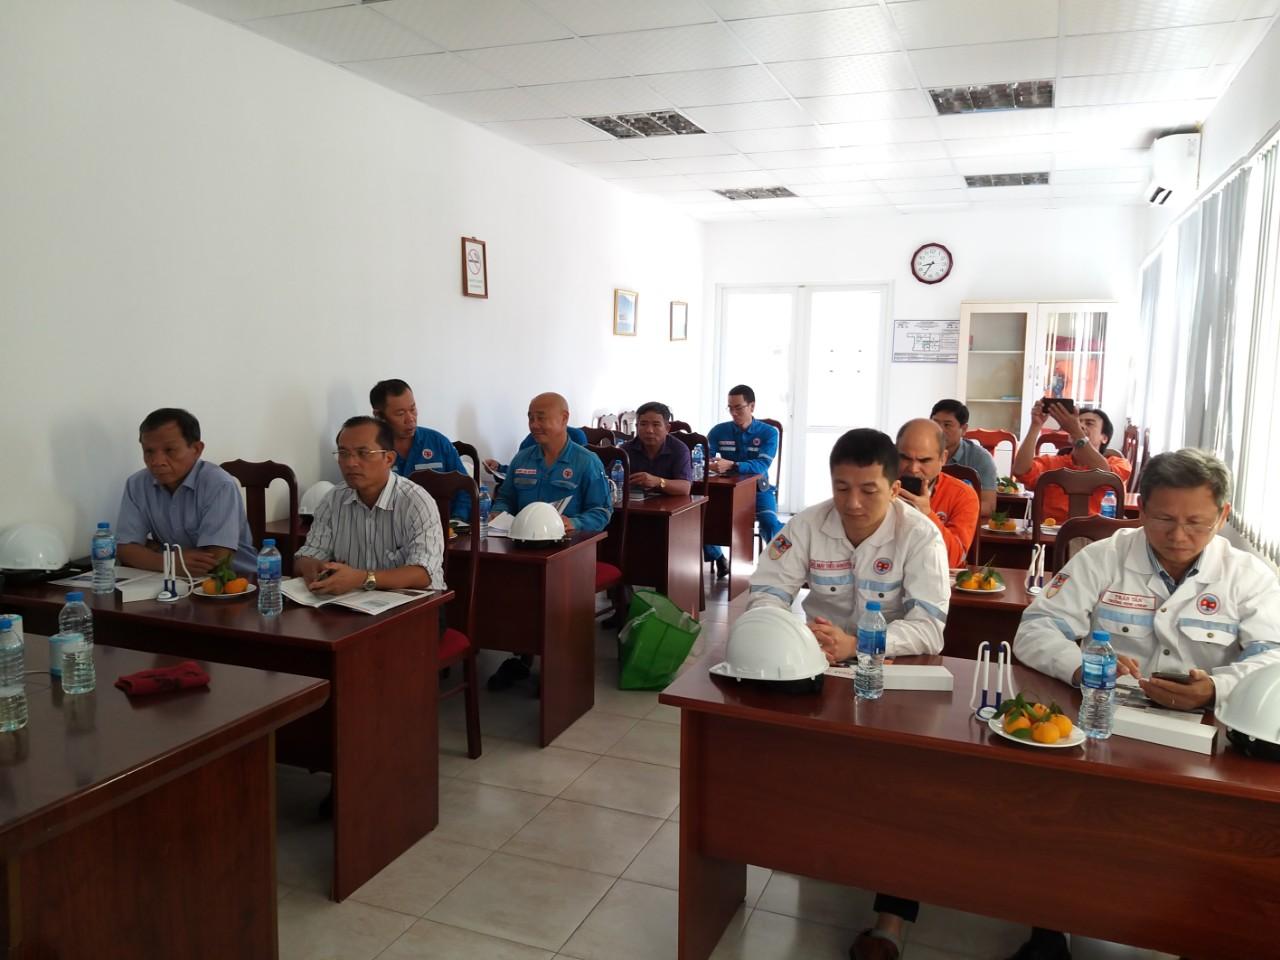 Sáng ngày 19/11/2019, Công ty TNHH Vinafoam Việt Nam tổ chức hội thảo và Demo sản phẩm bọt chữa cháy tại Trung tâm huấn luyện và đào tạo Công ty VIETSOVPETRO Liên doanh Việt- Nga